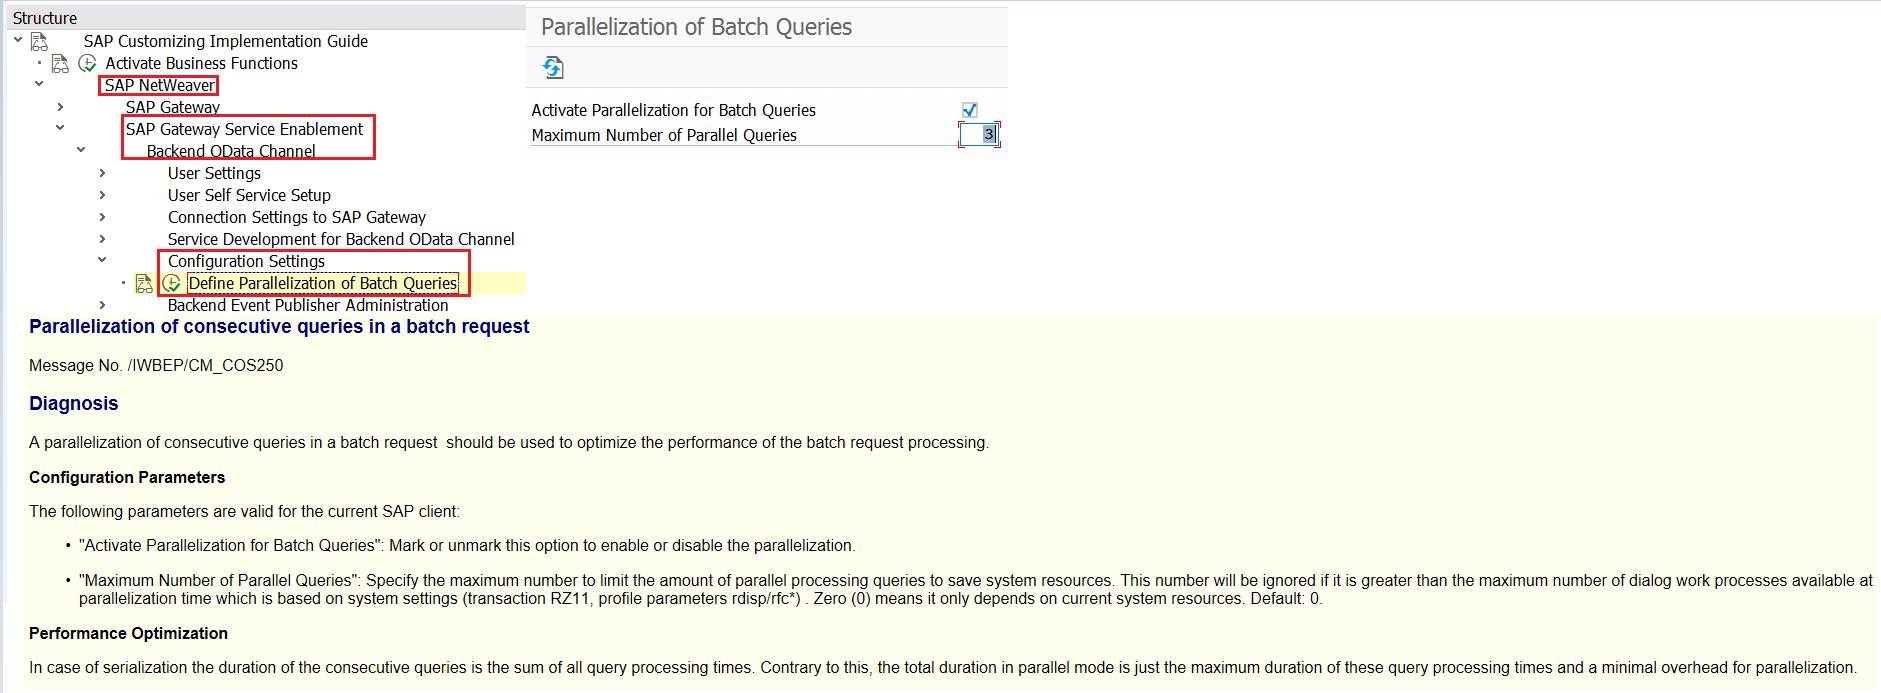 BATCH request in SAP GATEWAY | SAP Blogs